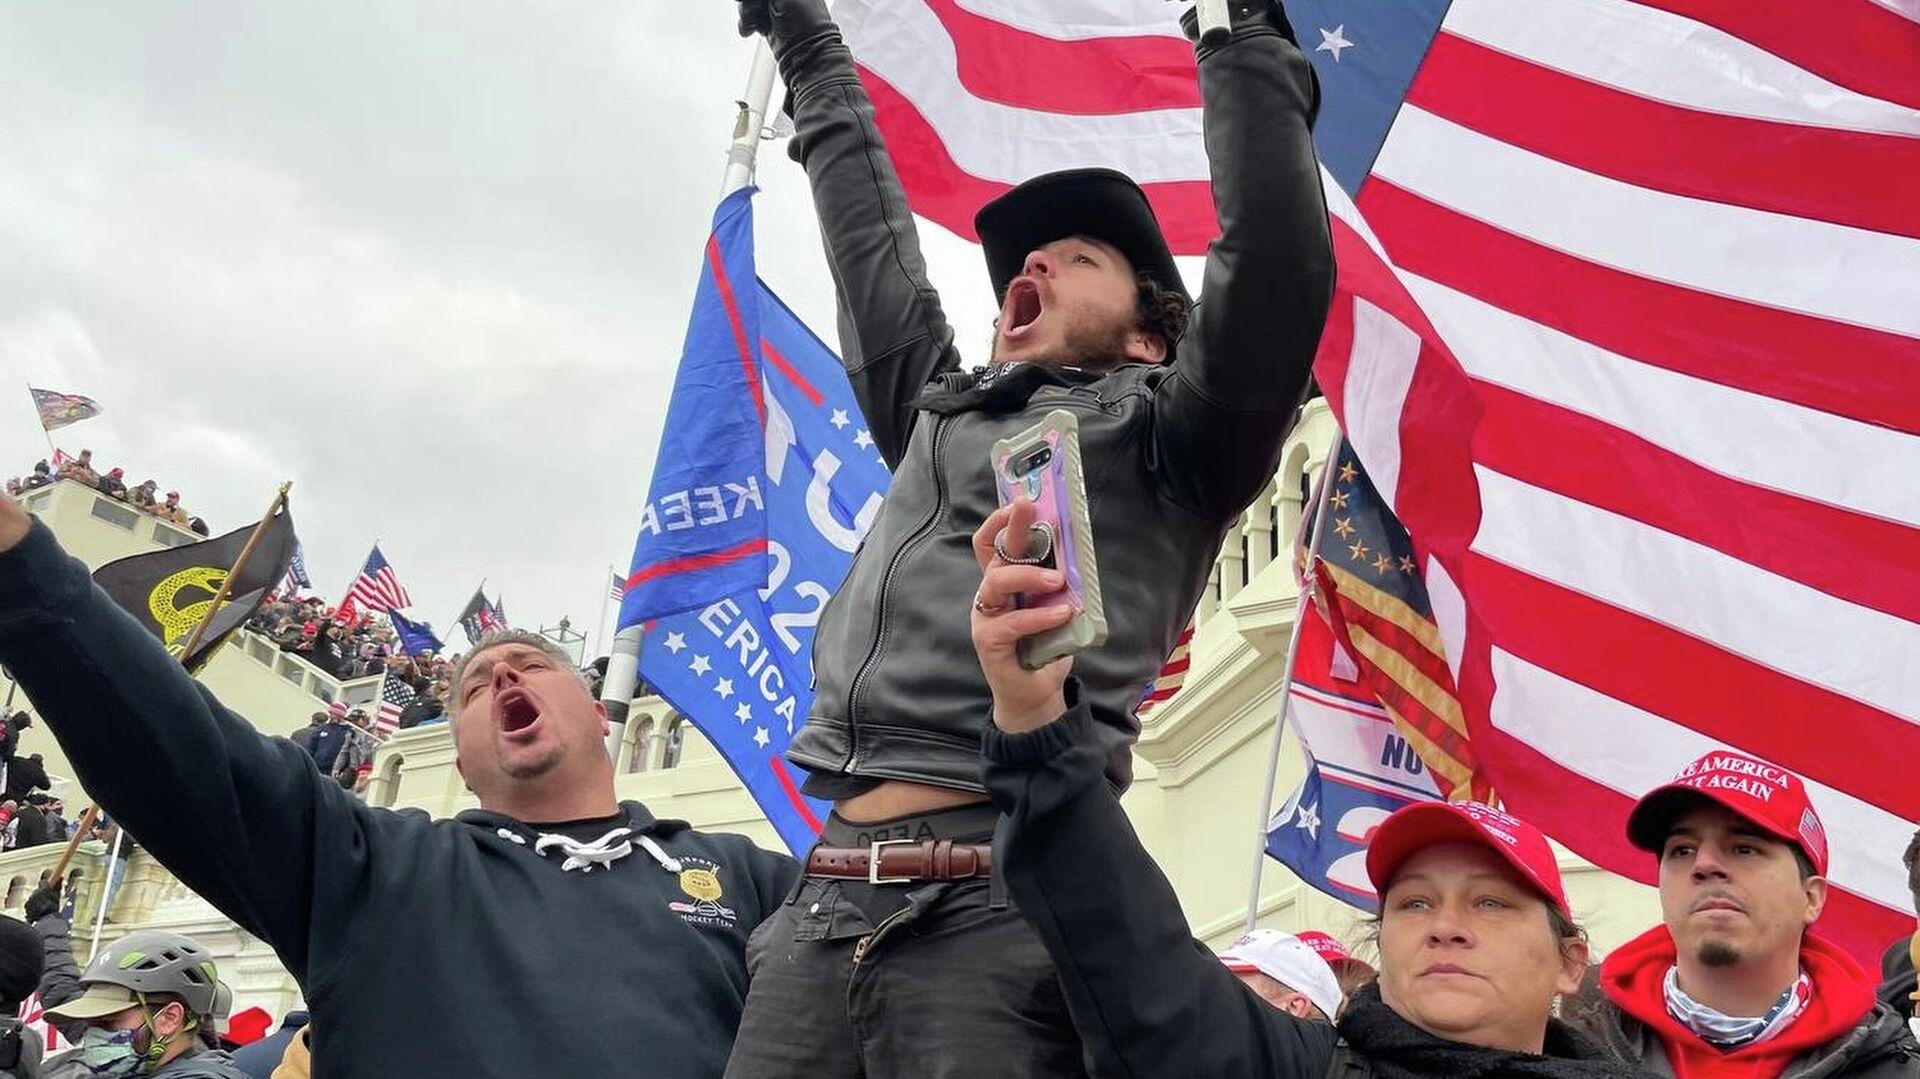 Участники акции сторонников действующего президента США Дональда Трампа у здания конгресса в Вашингтоне - РИА Новости, 1920, 27.01.2021